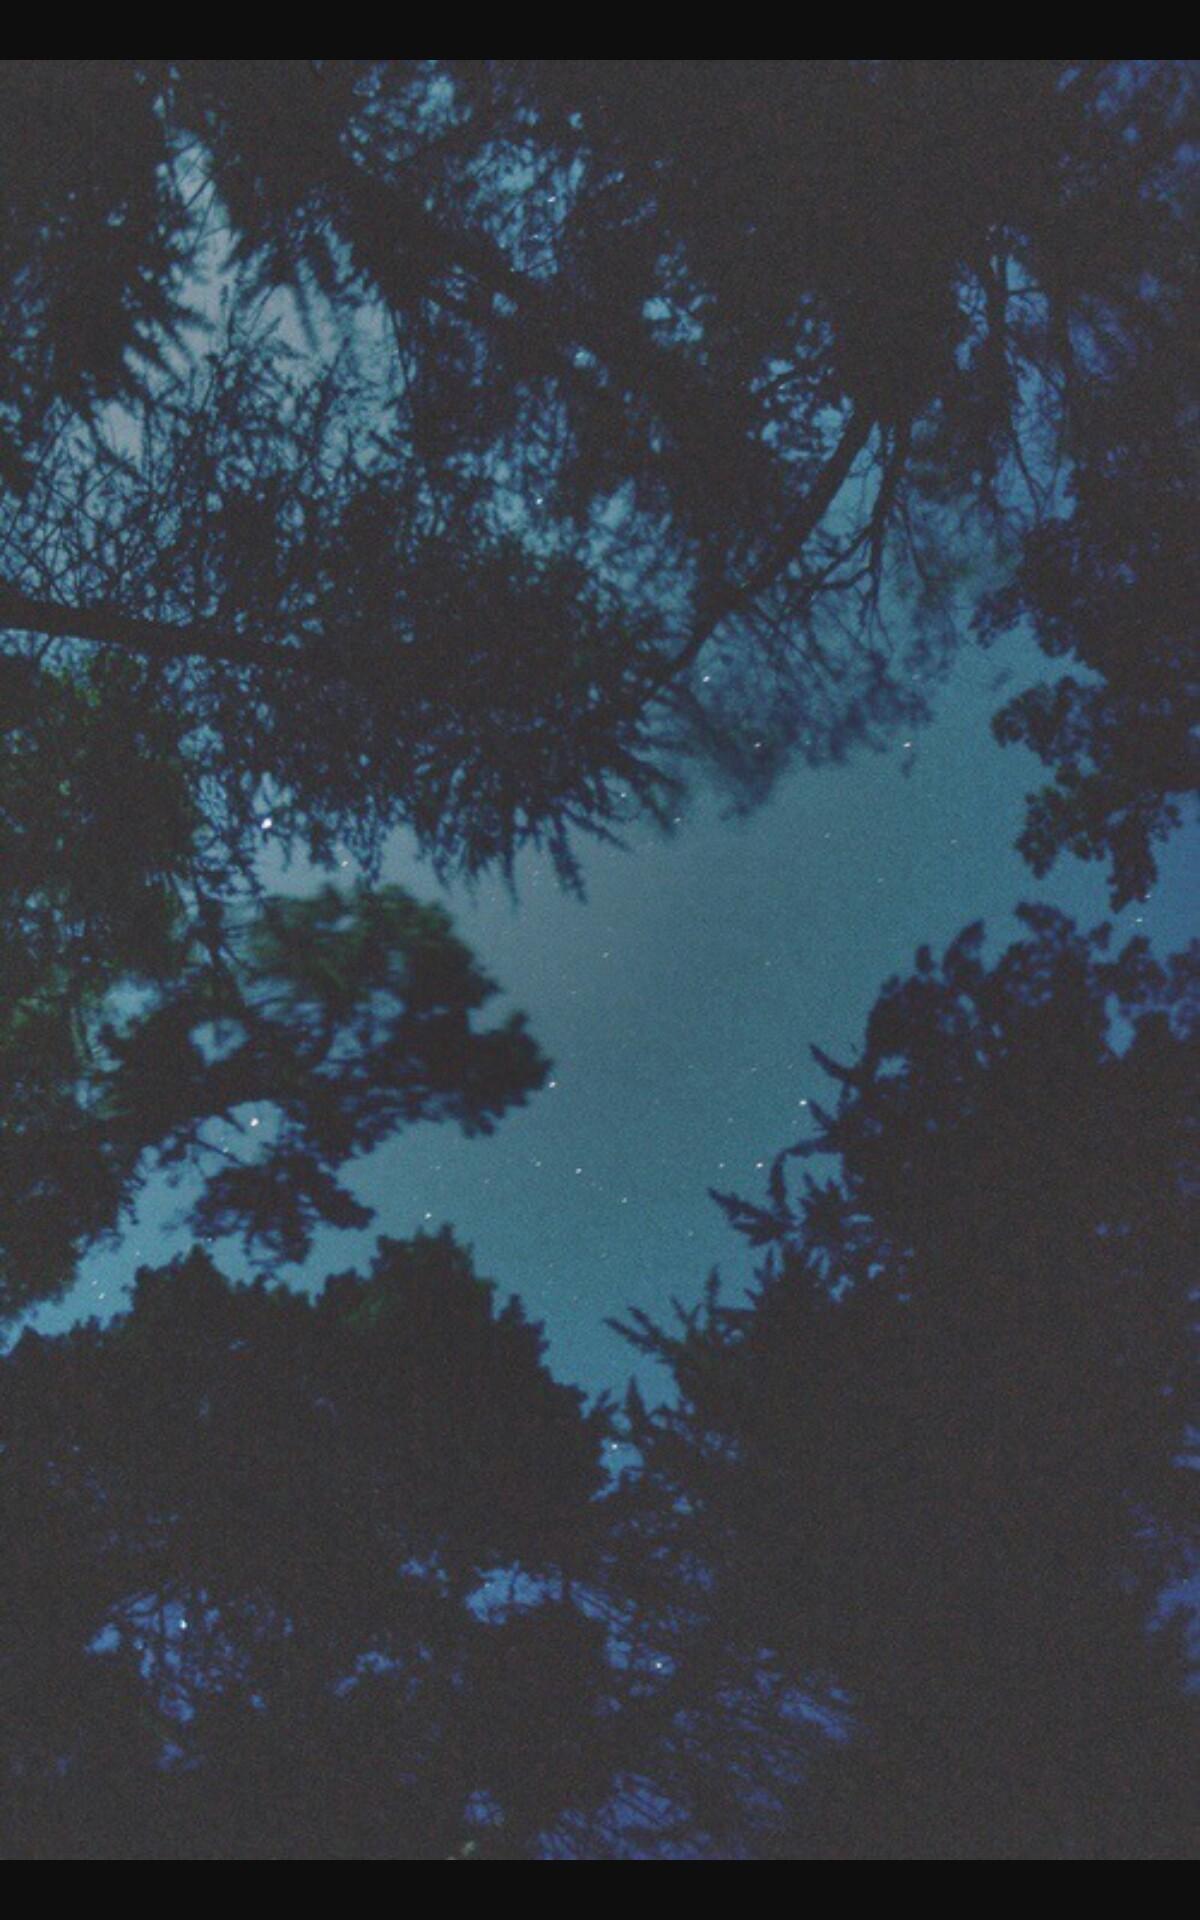 Galaxy S8 Quote Wallpaper Die 106 Besten Himmel Hintergrundbilder F 252 R Tumblr